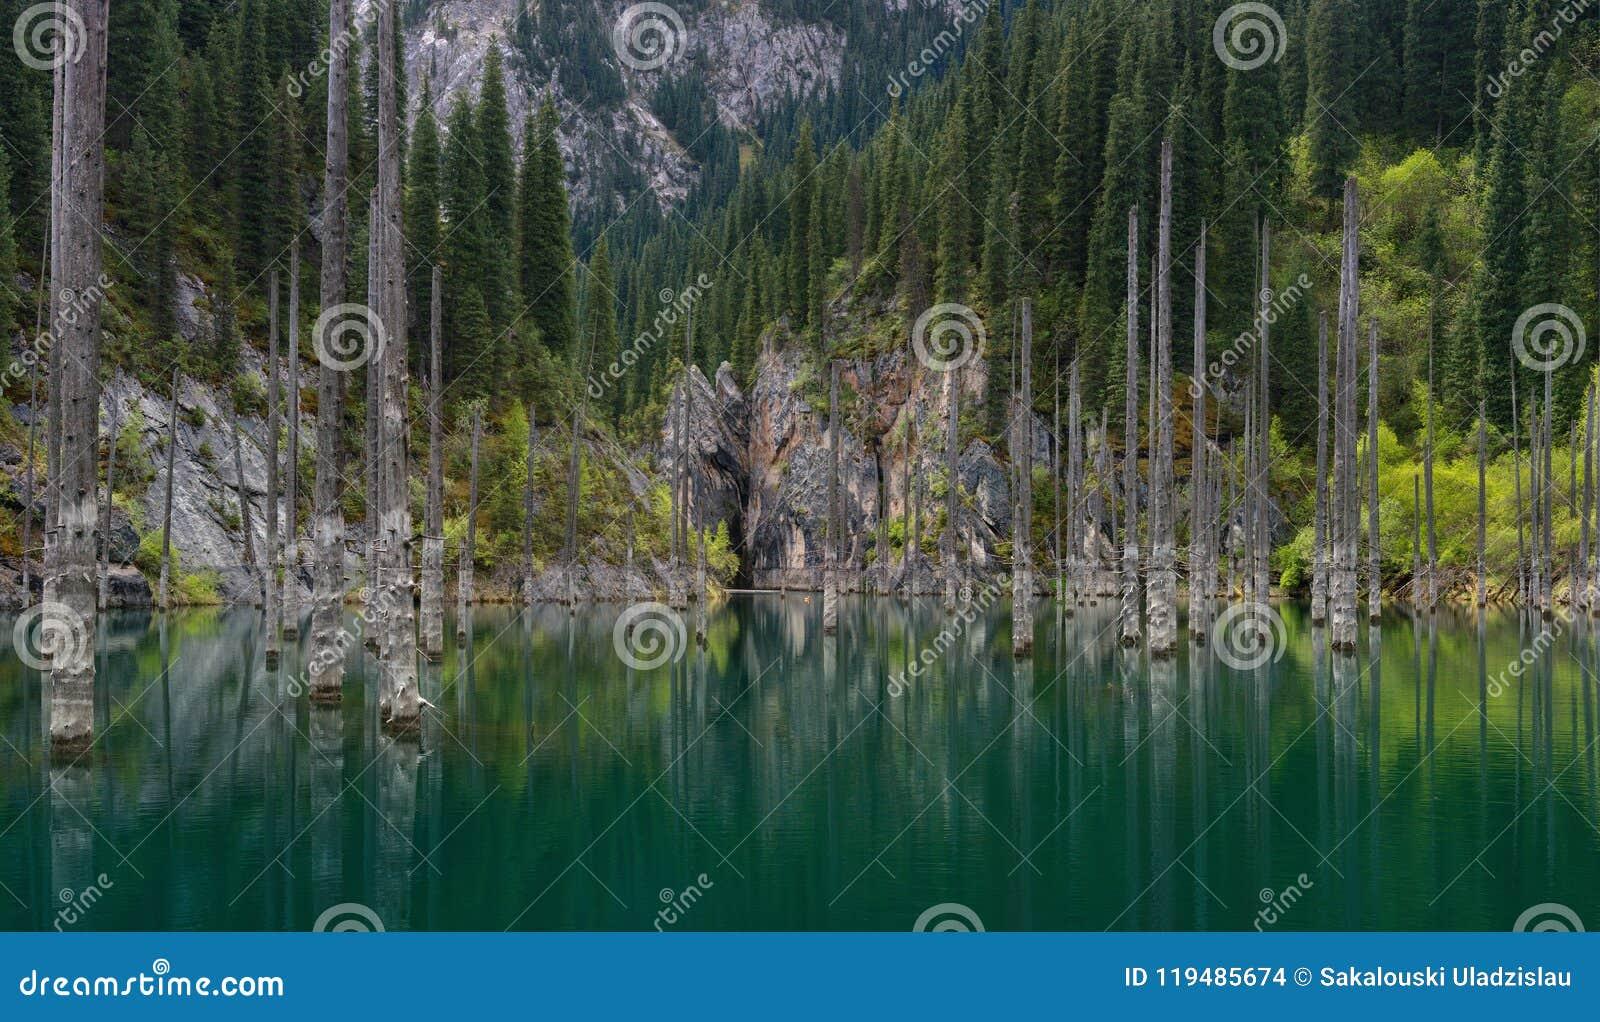 Natuurlijk Gezicht van Zuid-Kazachstan in Bergen Tyan-Shan - Alpien Kaindy-Meer ook Gekend als Berkmeer of Onderwaterforestthe